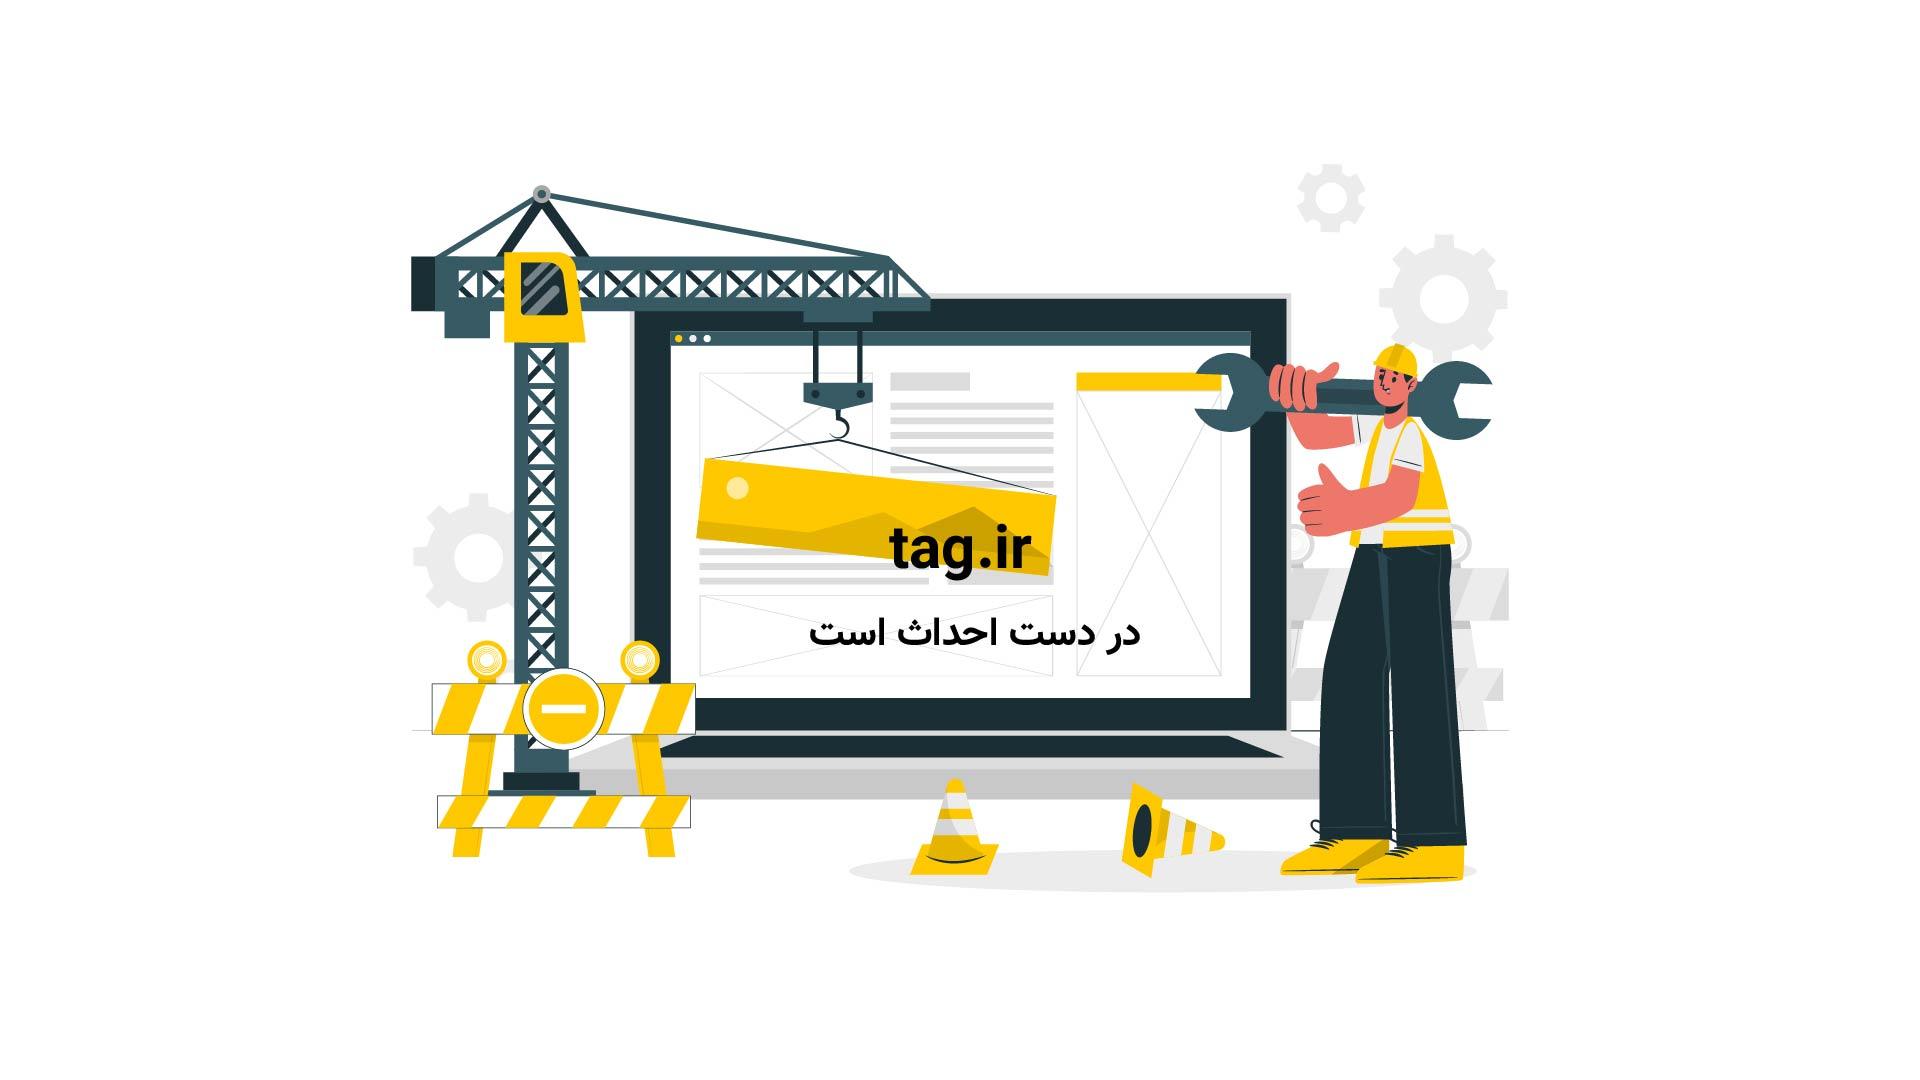 ۱۰ ترفند بسیار مفید و کاربردی برای آشپزی